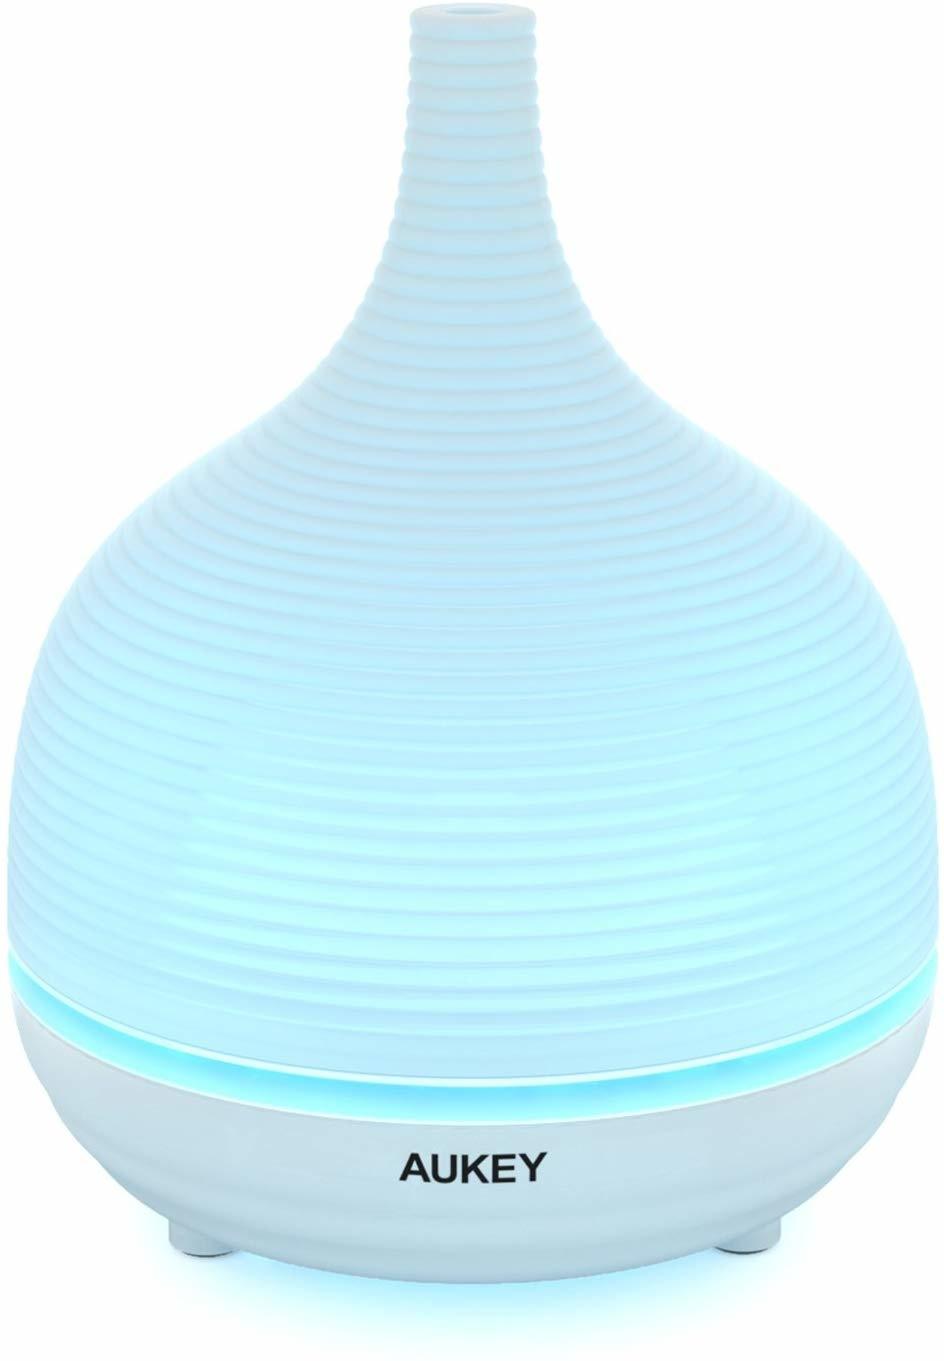 AUKEY etherische oliediffuser, 500 ml aromabevochtiger met 4 timerinstellingen, mistmodi en 7 kleuren veranderende led-verlichting